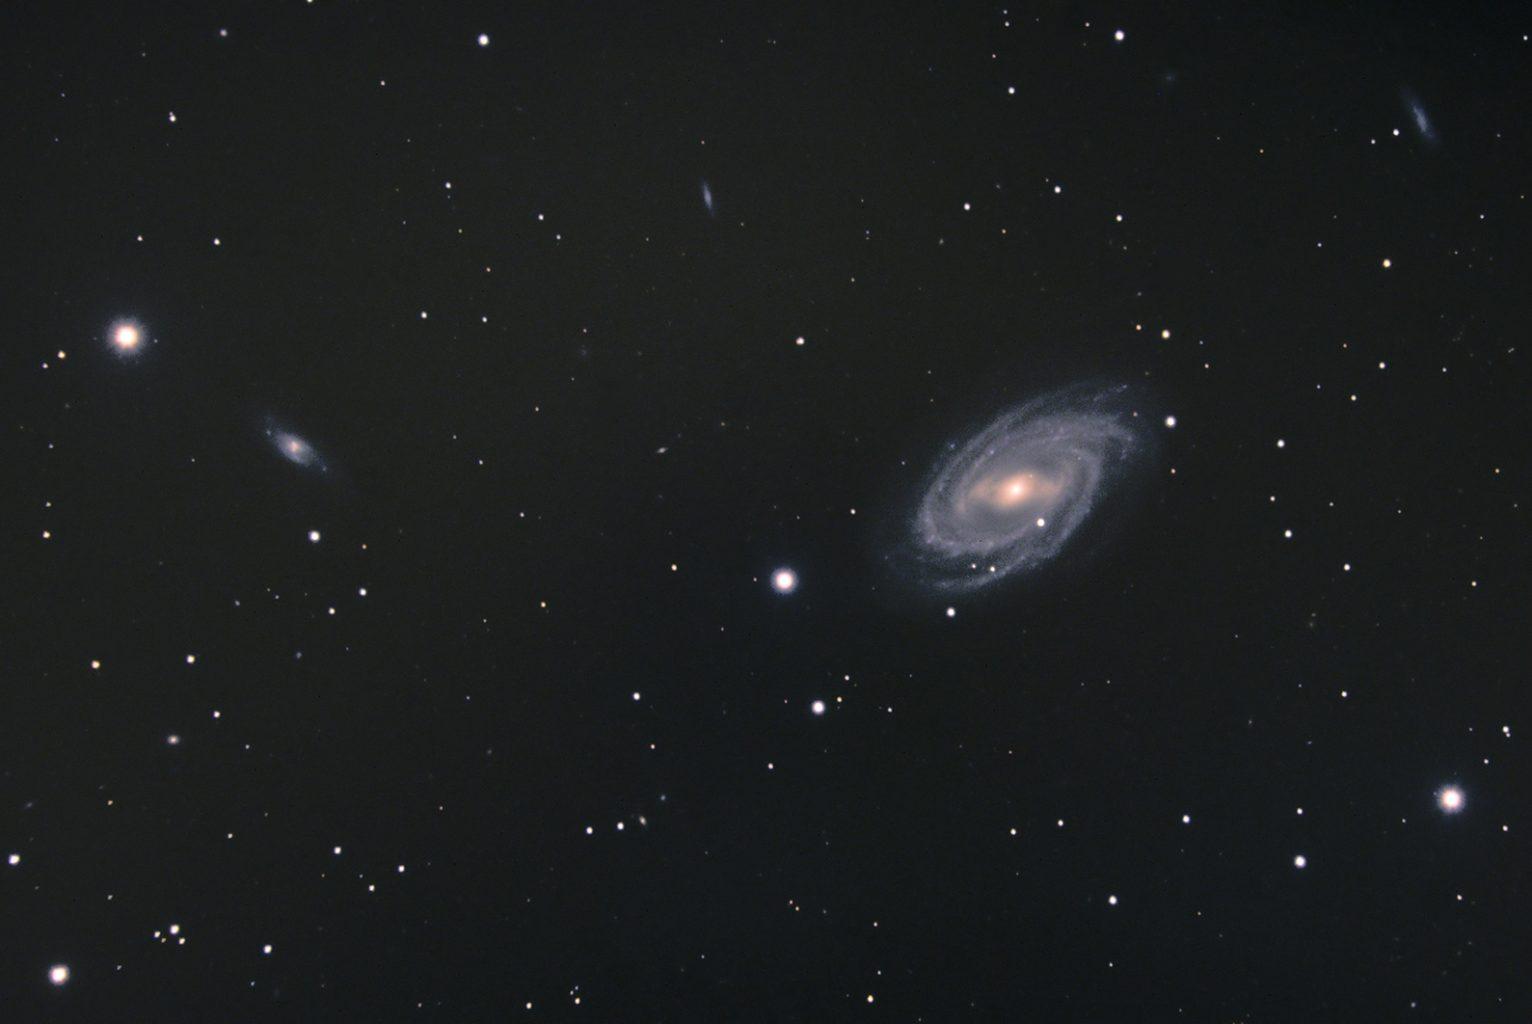 M109-C11-Starizona.jpg